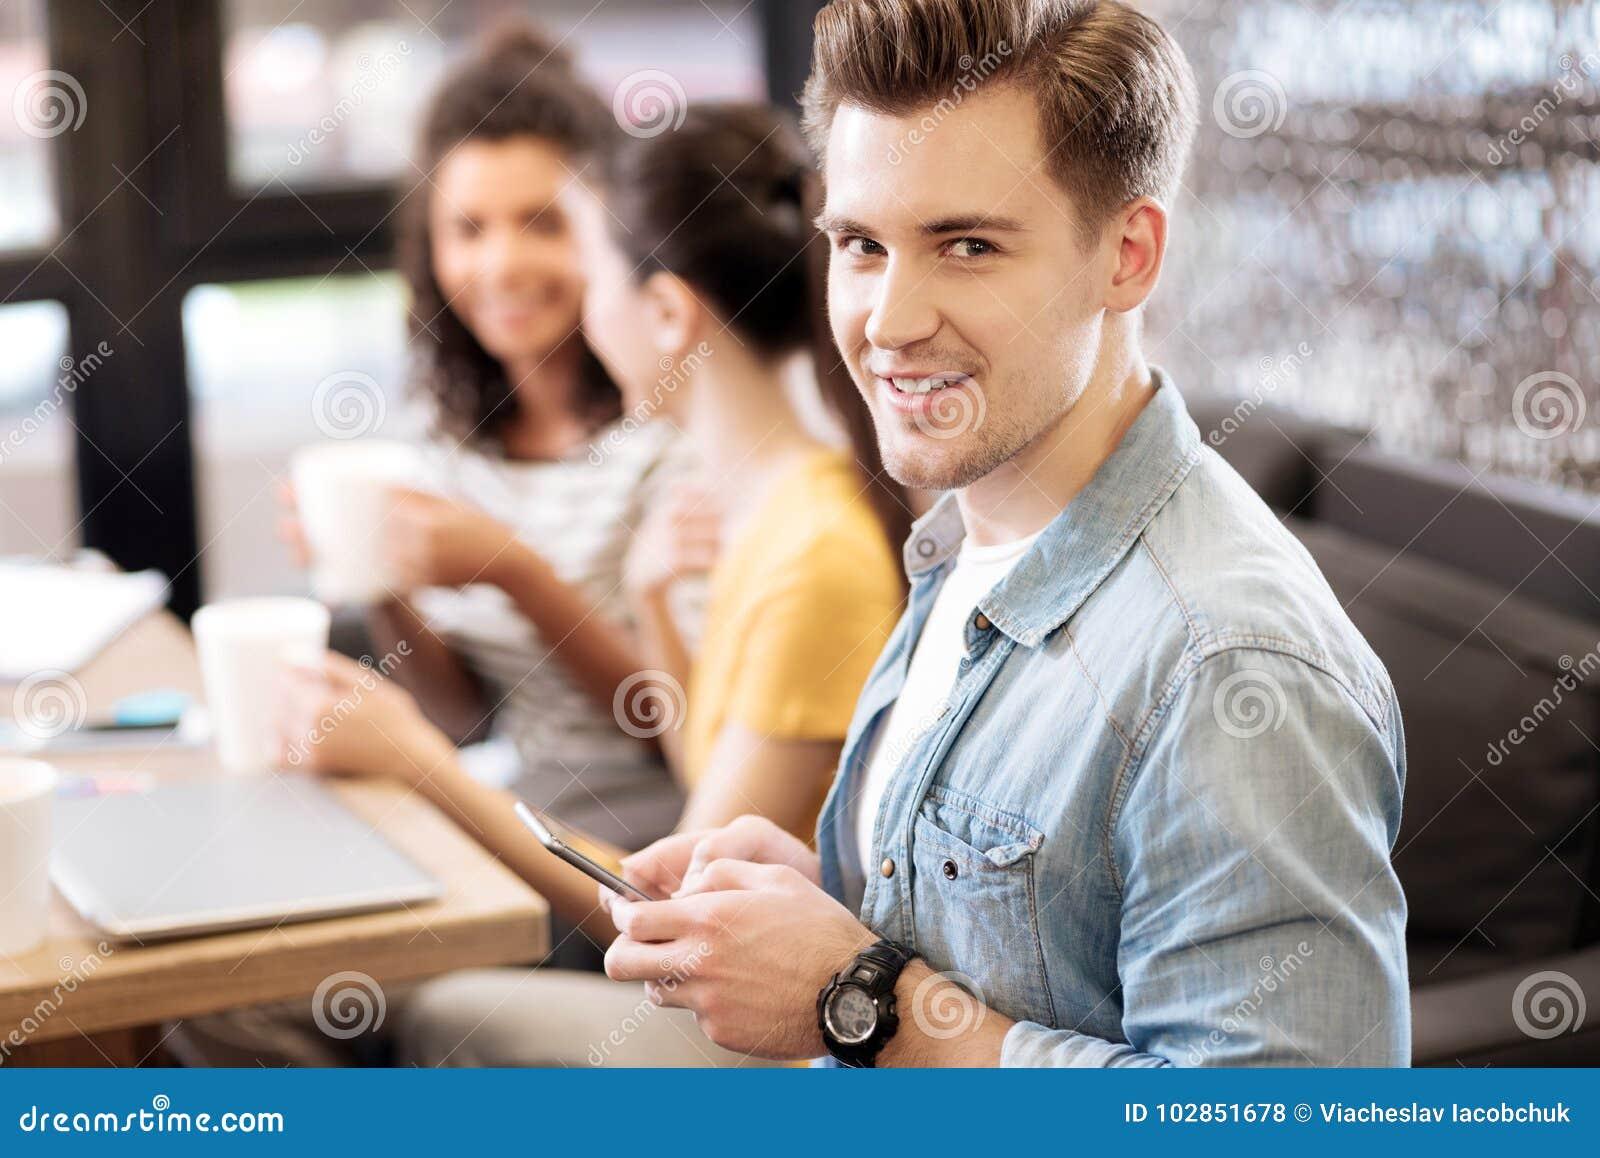 Lächelnder junger Mann, der sein Telefon verwendet